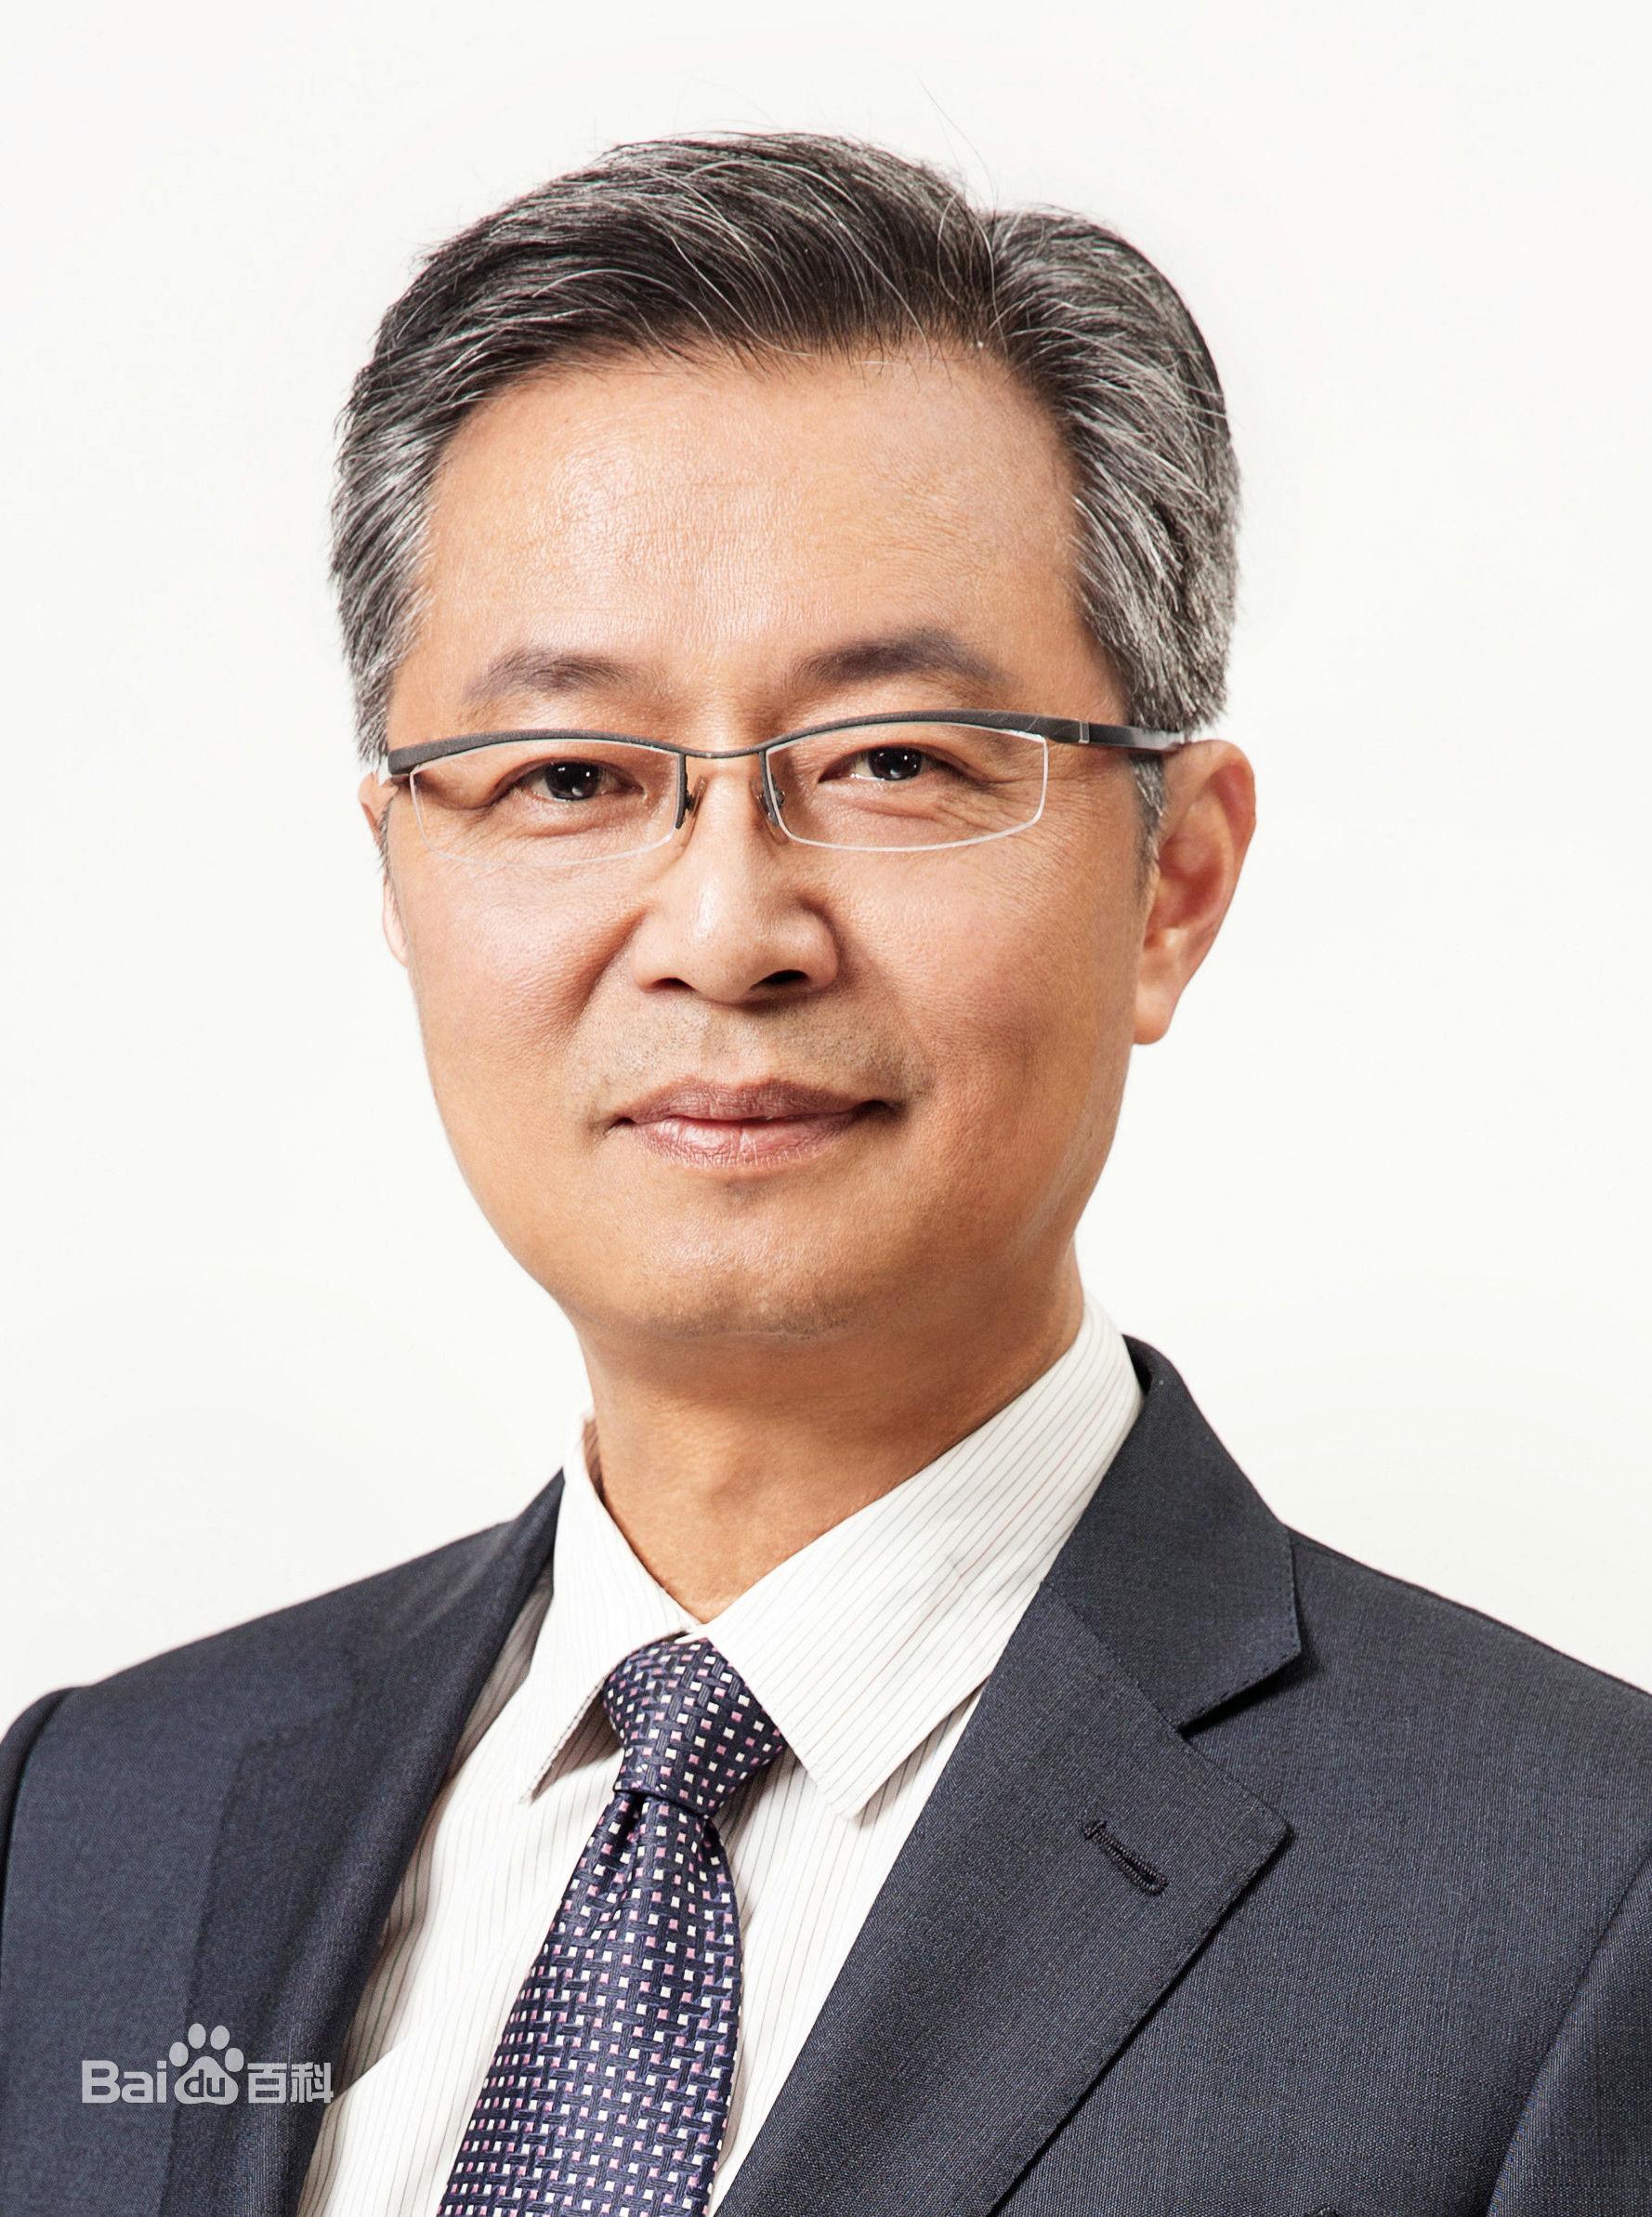 浙江大学管理学院院长吴晓波